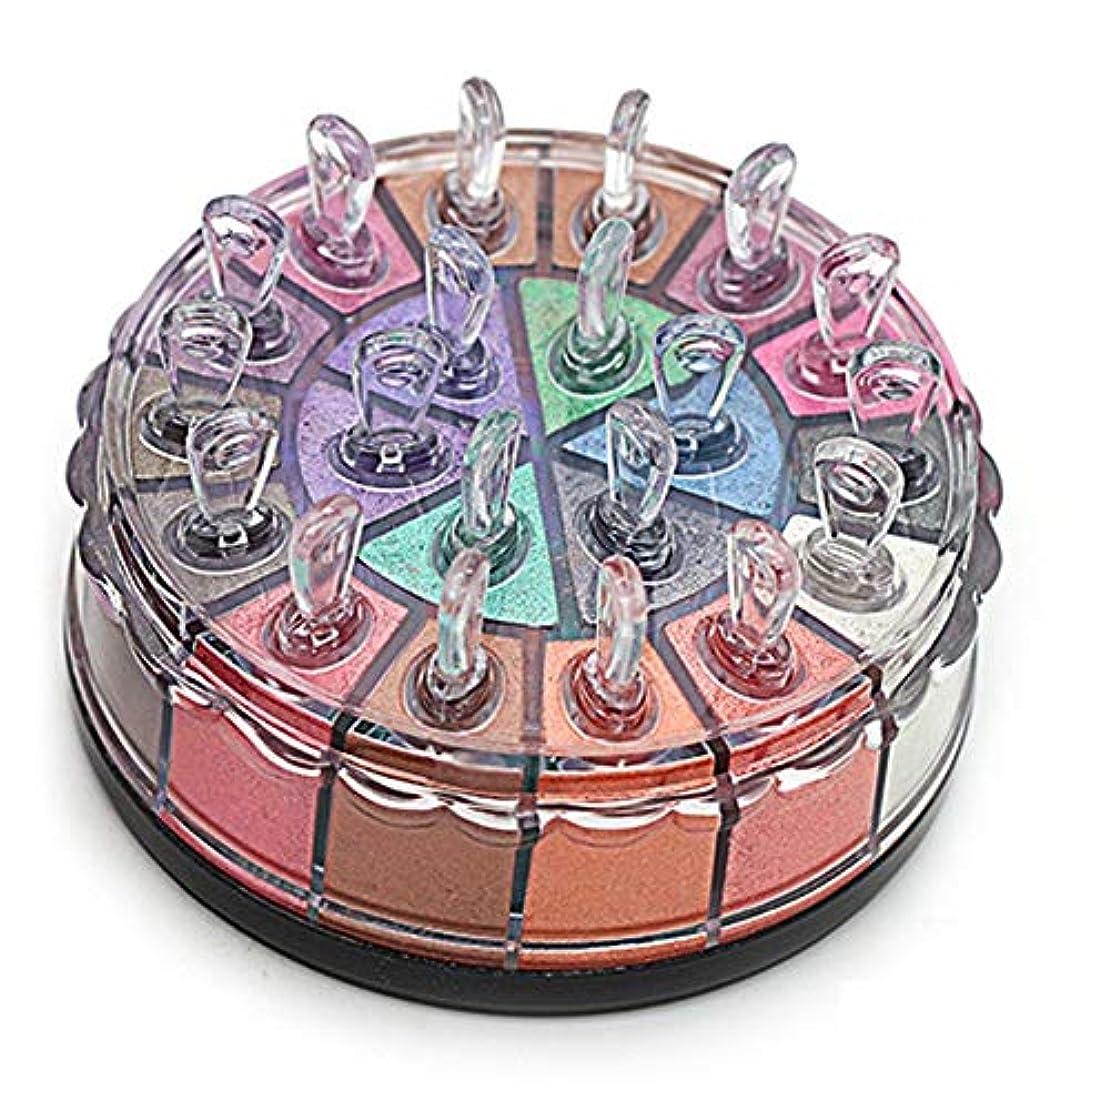 チャペルティーンエイジャー話をするAkane アイシャドウパレット INS 人気 ファッション 超便利 キラキラ 欧米風 綺麗 可愛い 高級 つや消し マット Eye Shadow (20色)